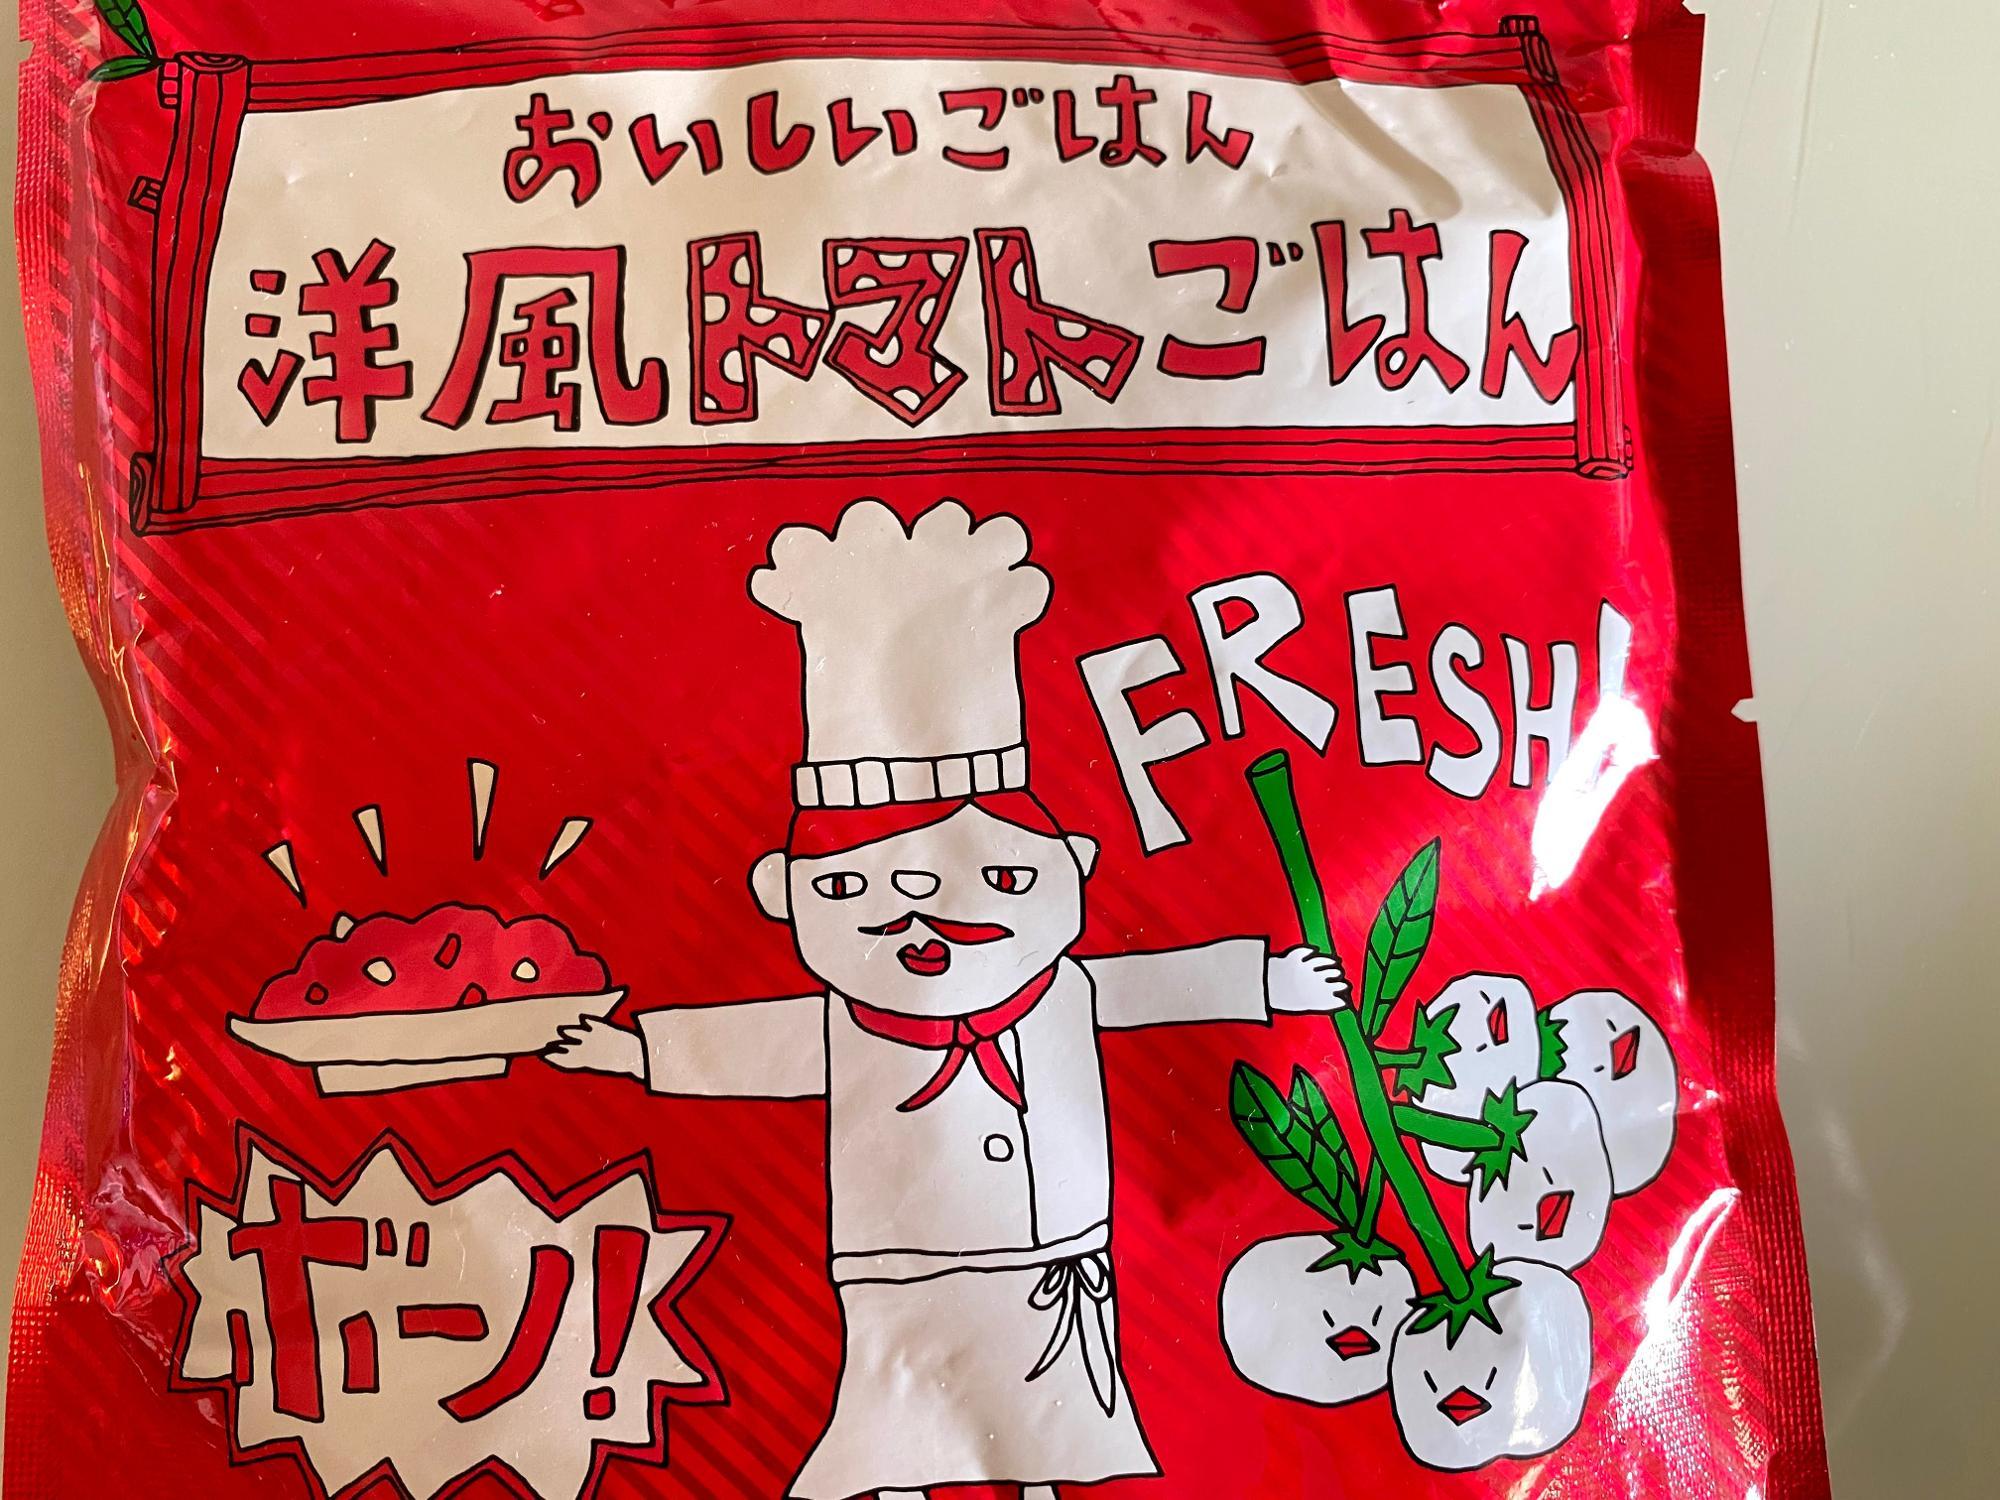 おいしい洋風トマトごはん「ボーノ」